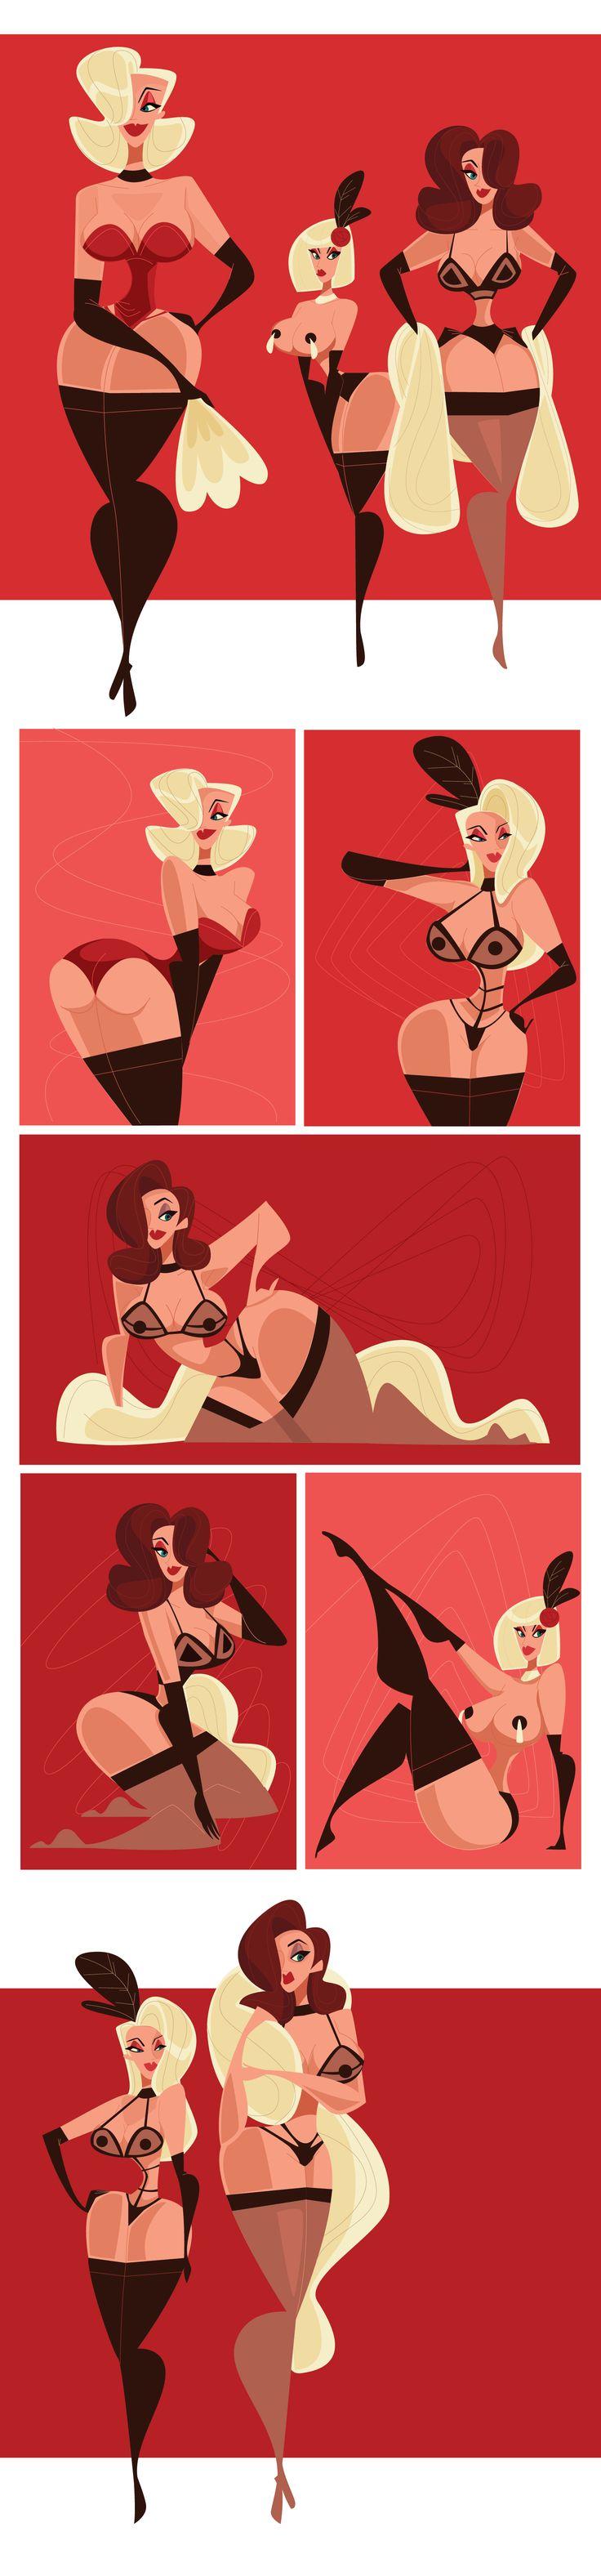 """Consulta este proyecto @Behance: """"Burlesque"""" https://www.behance.net/gallery/34424113/Burlesque"""